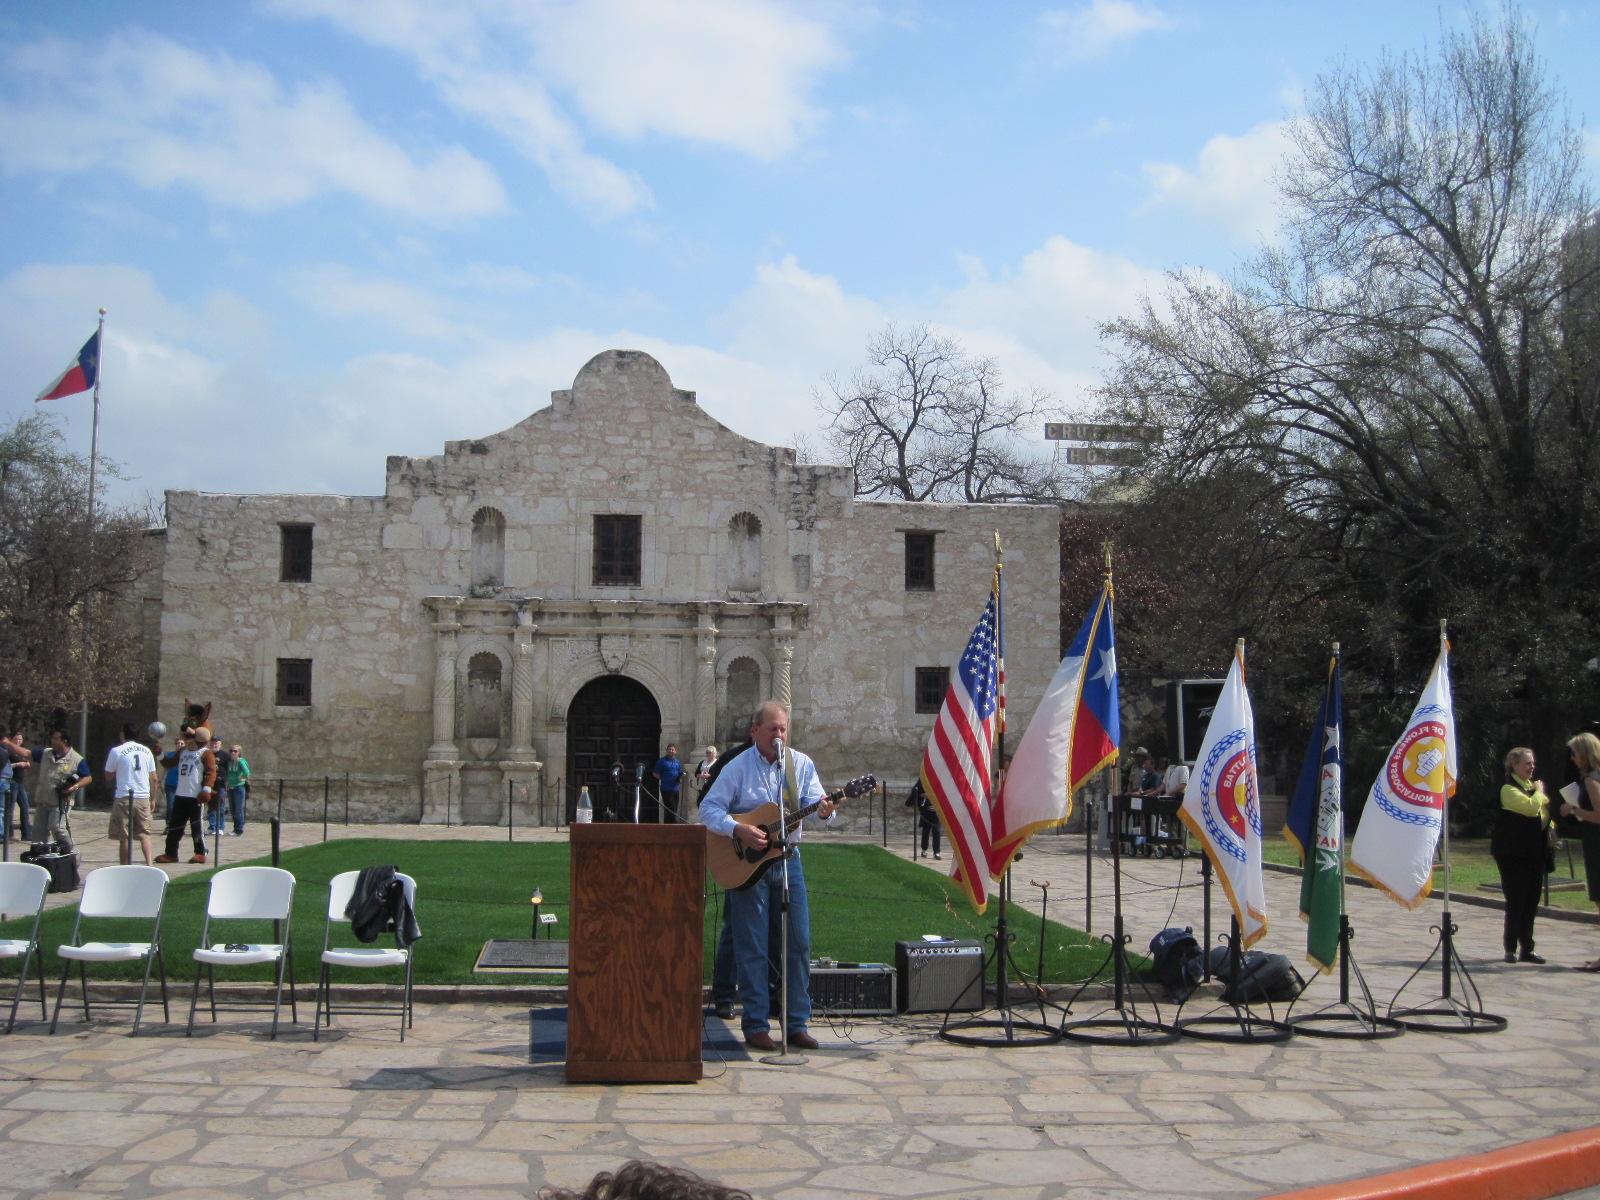 The Schramm Journey San Antonio Texas